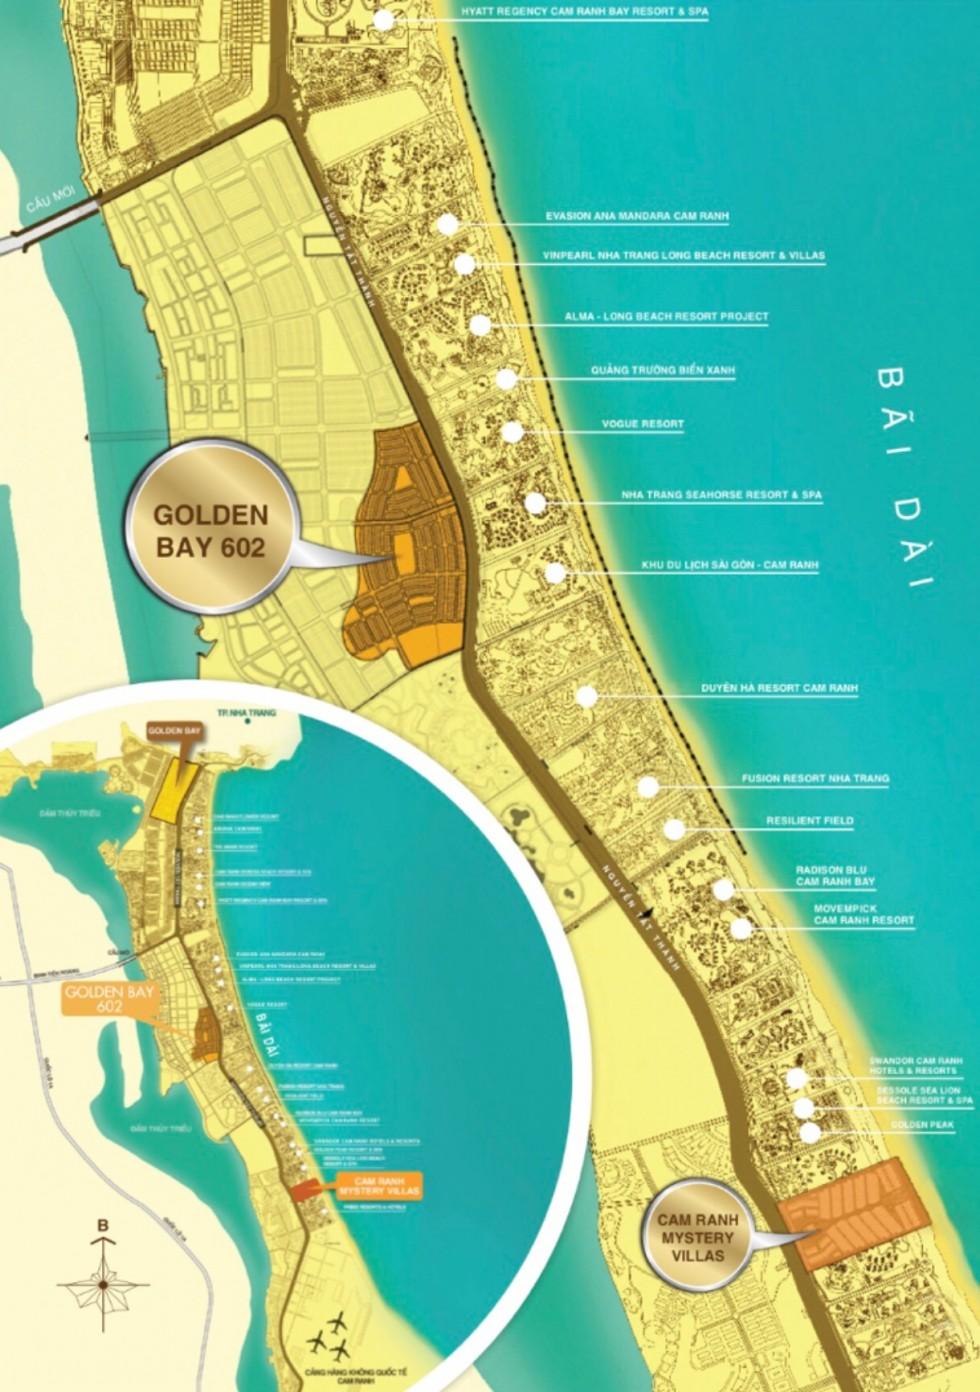 Vị trí dự án Golden Bay 602